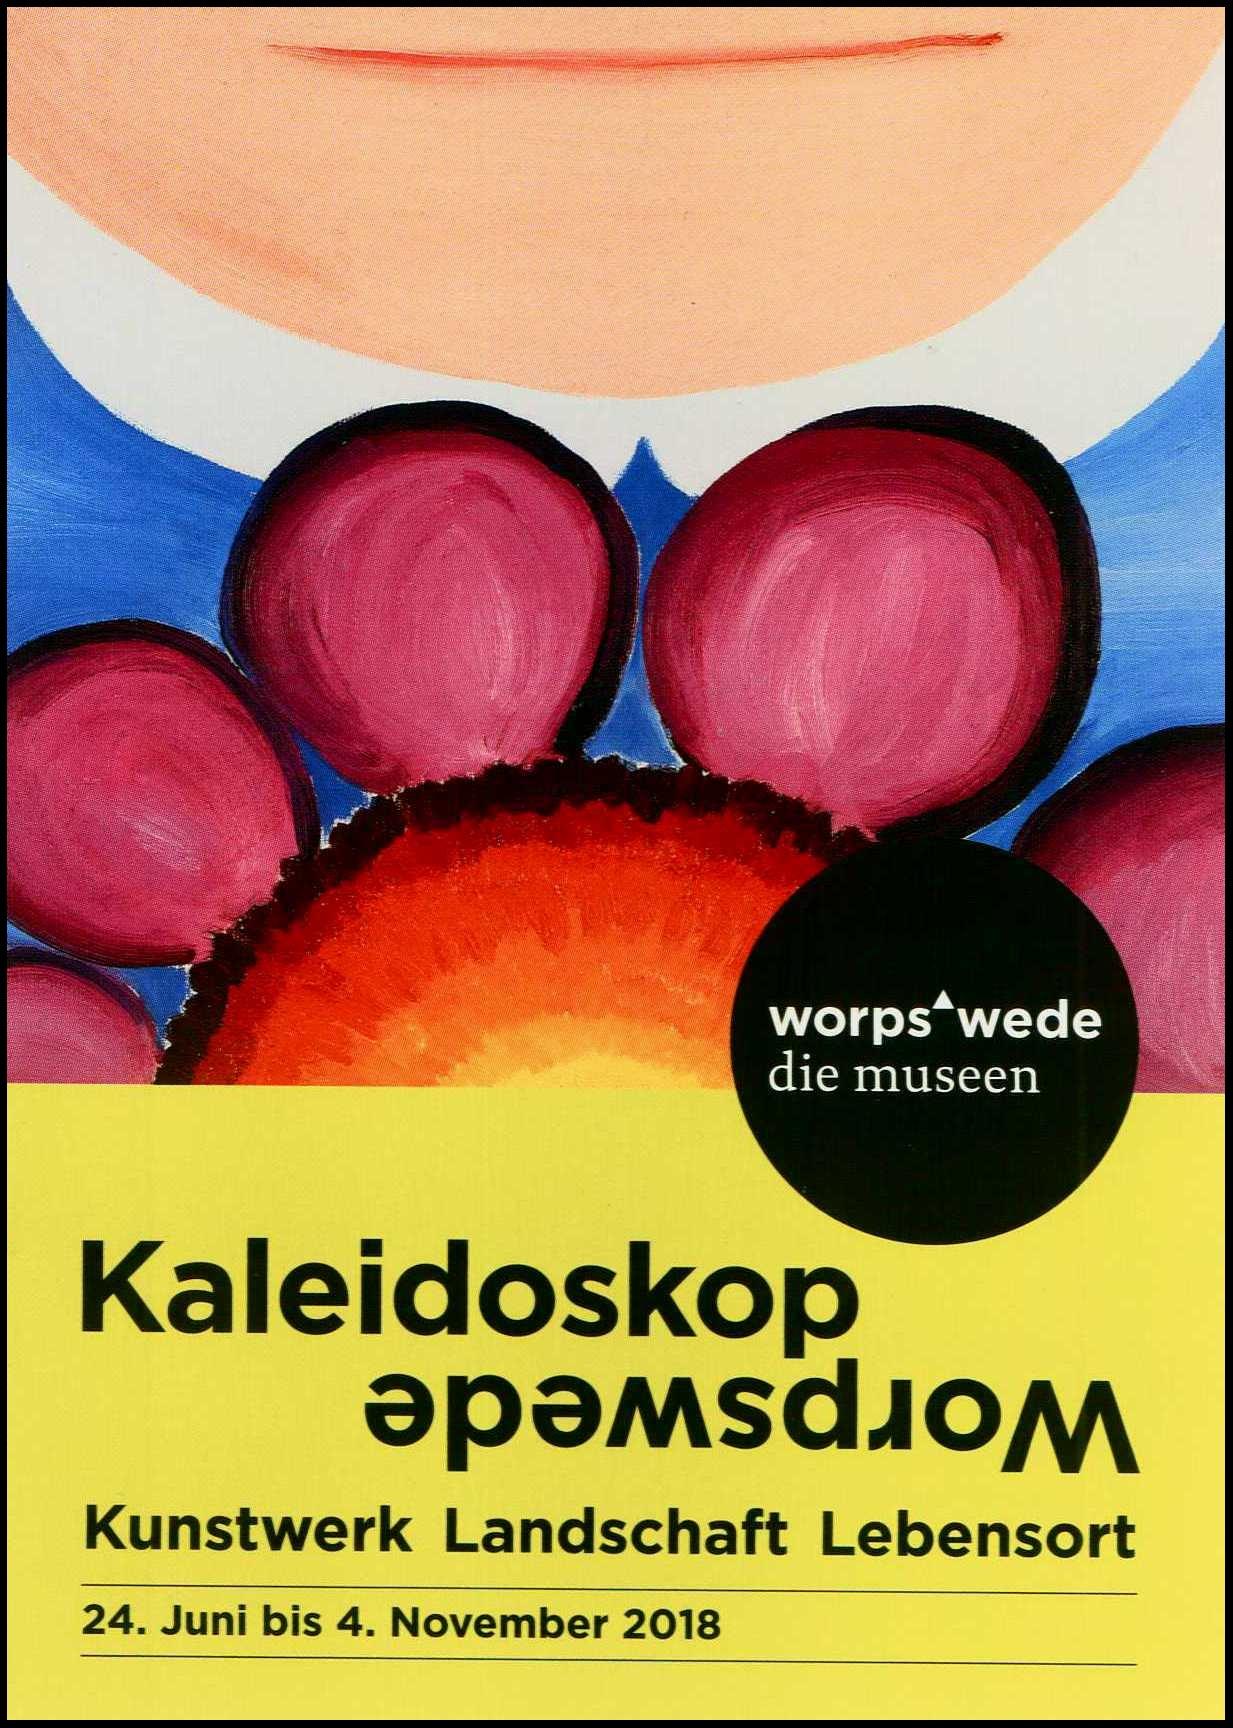 www.worpswede-museen.de